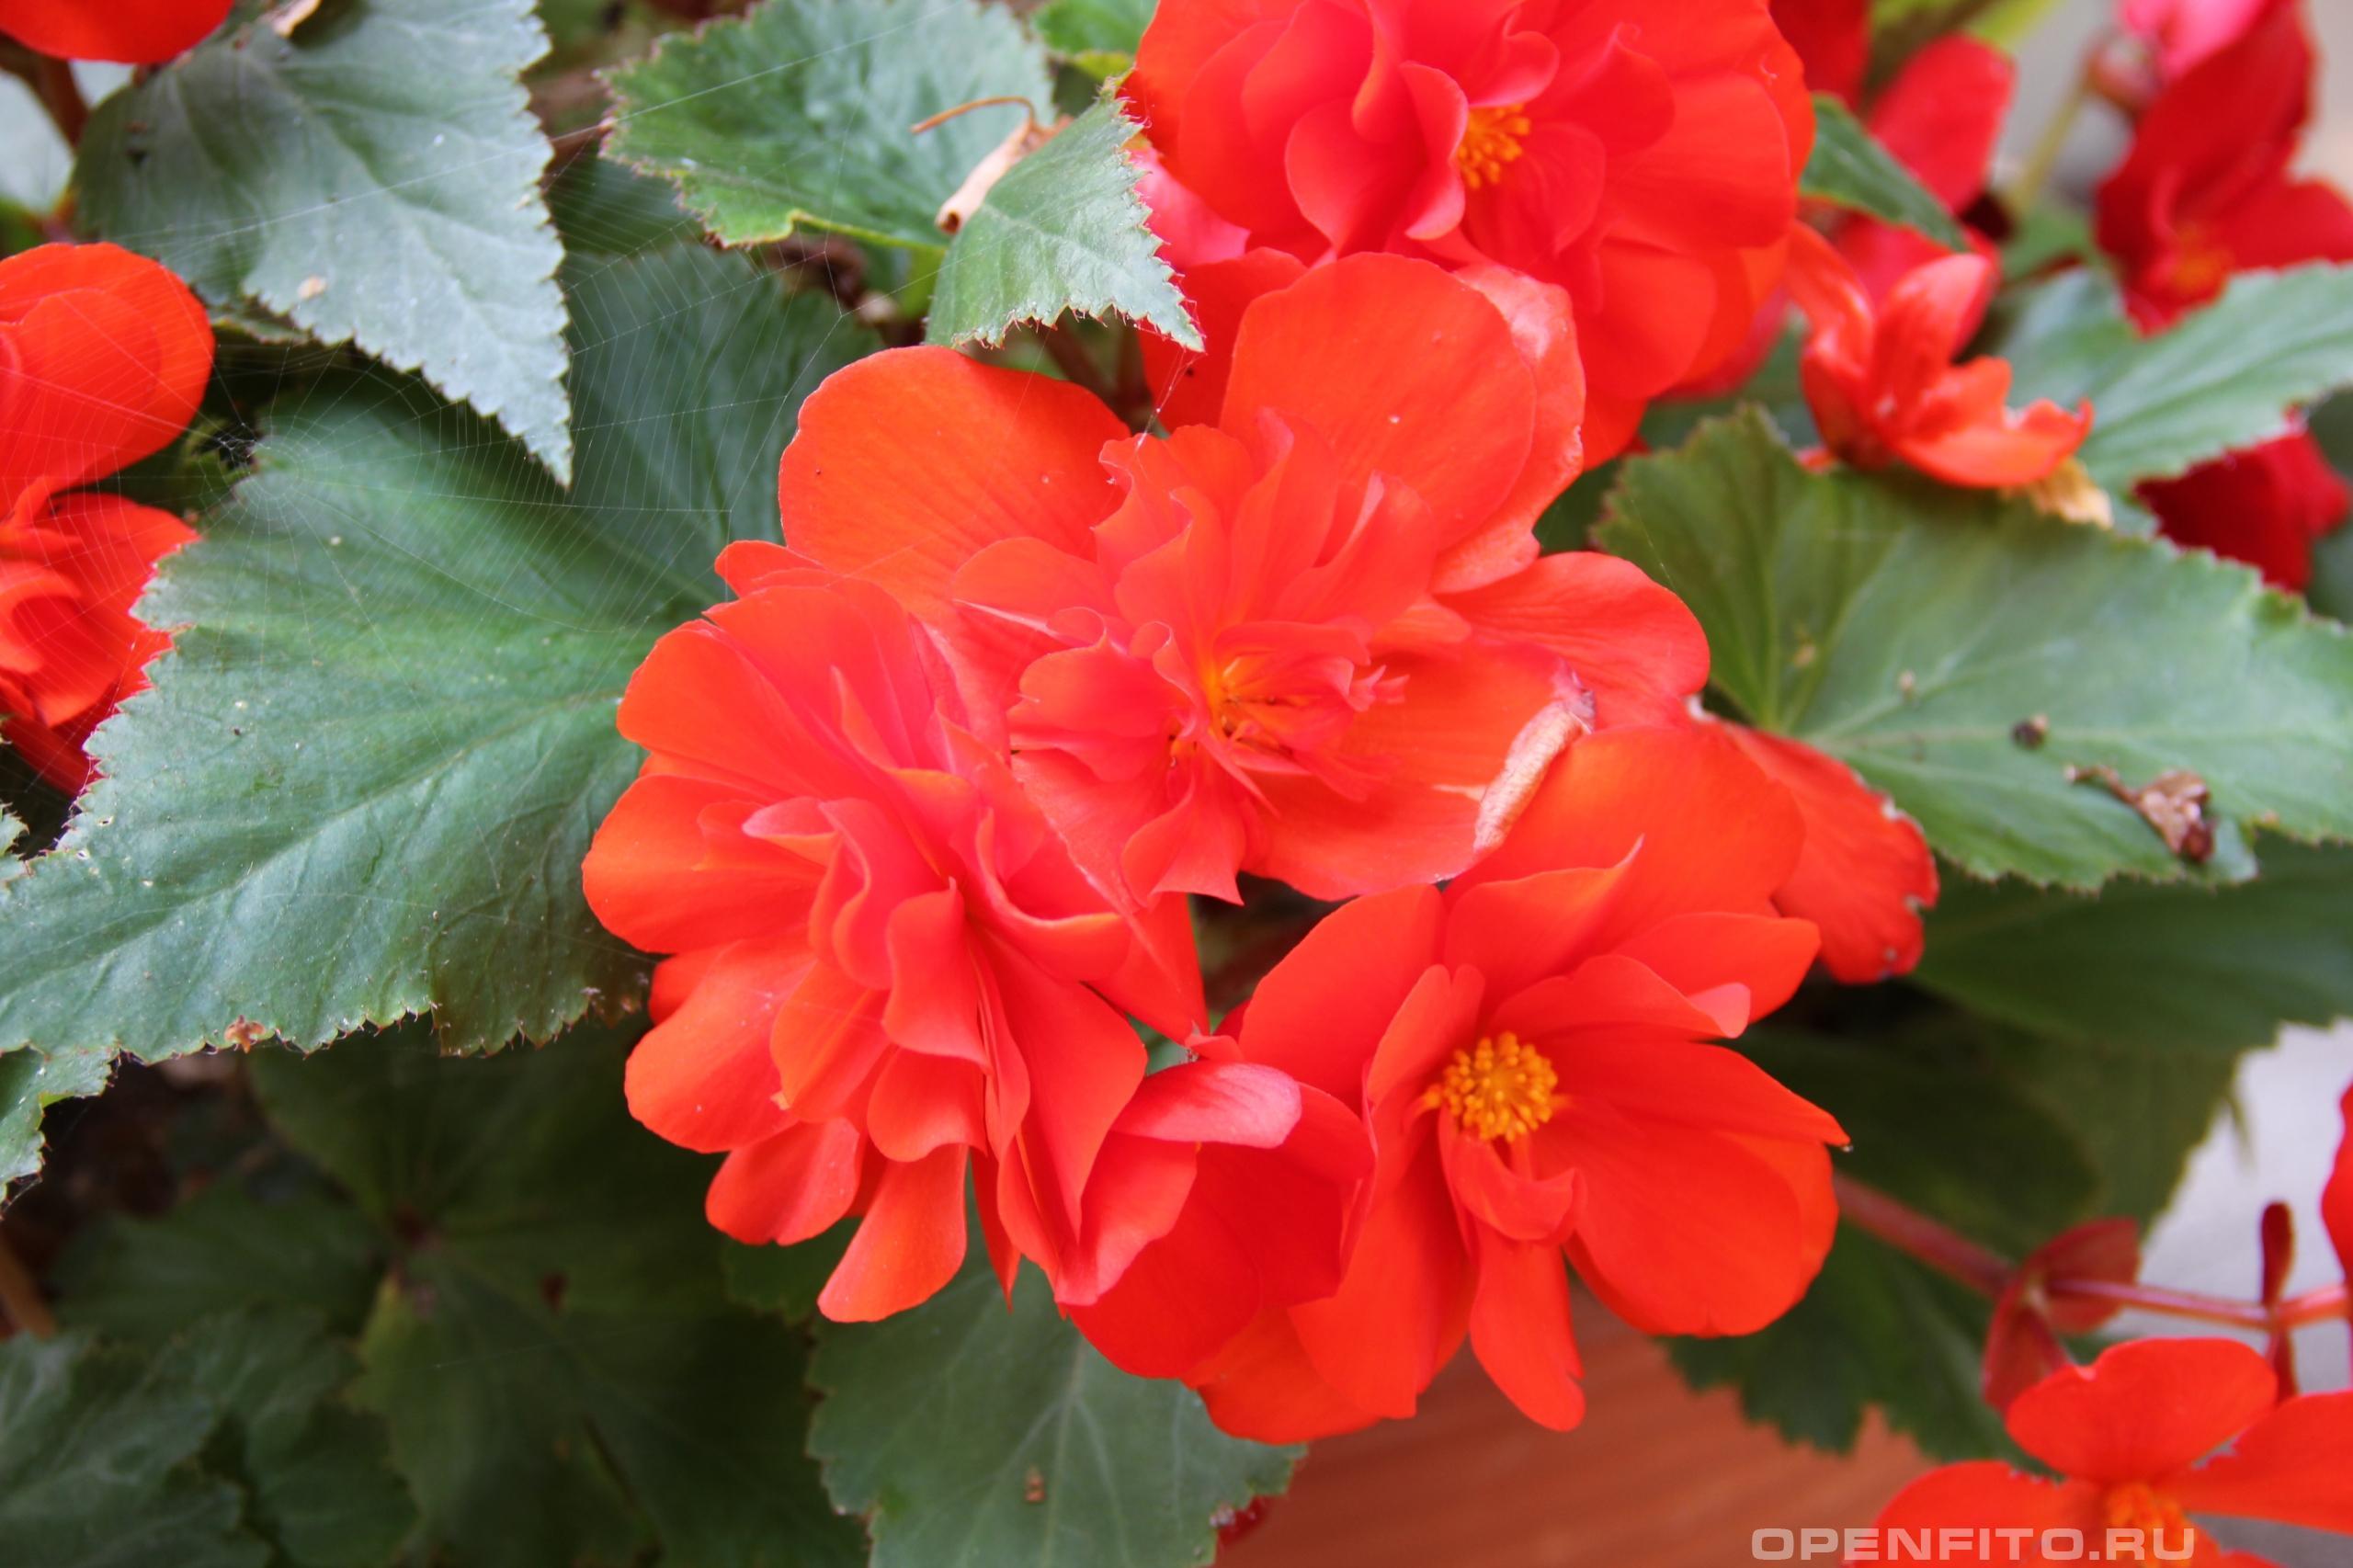 Бегония вечноцветущая или садовая